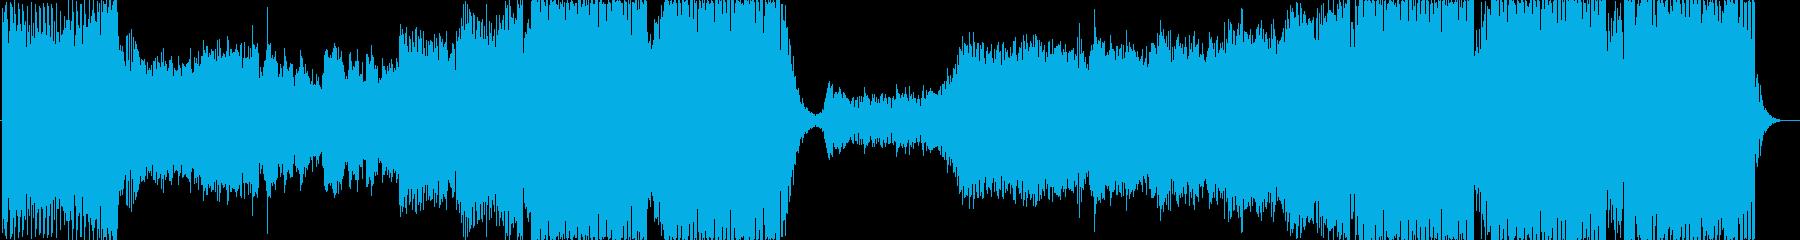 爽やかで疾走感のある洋楽風EDMの再生済みの波形